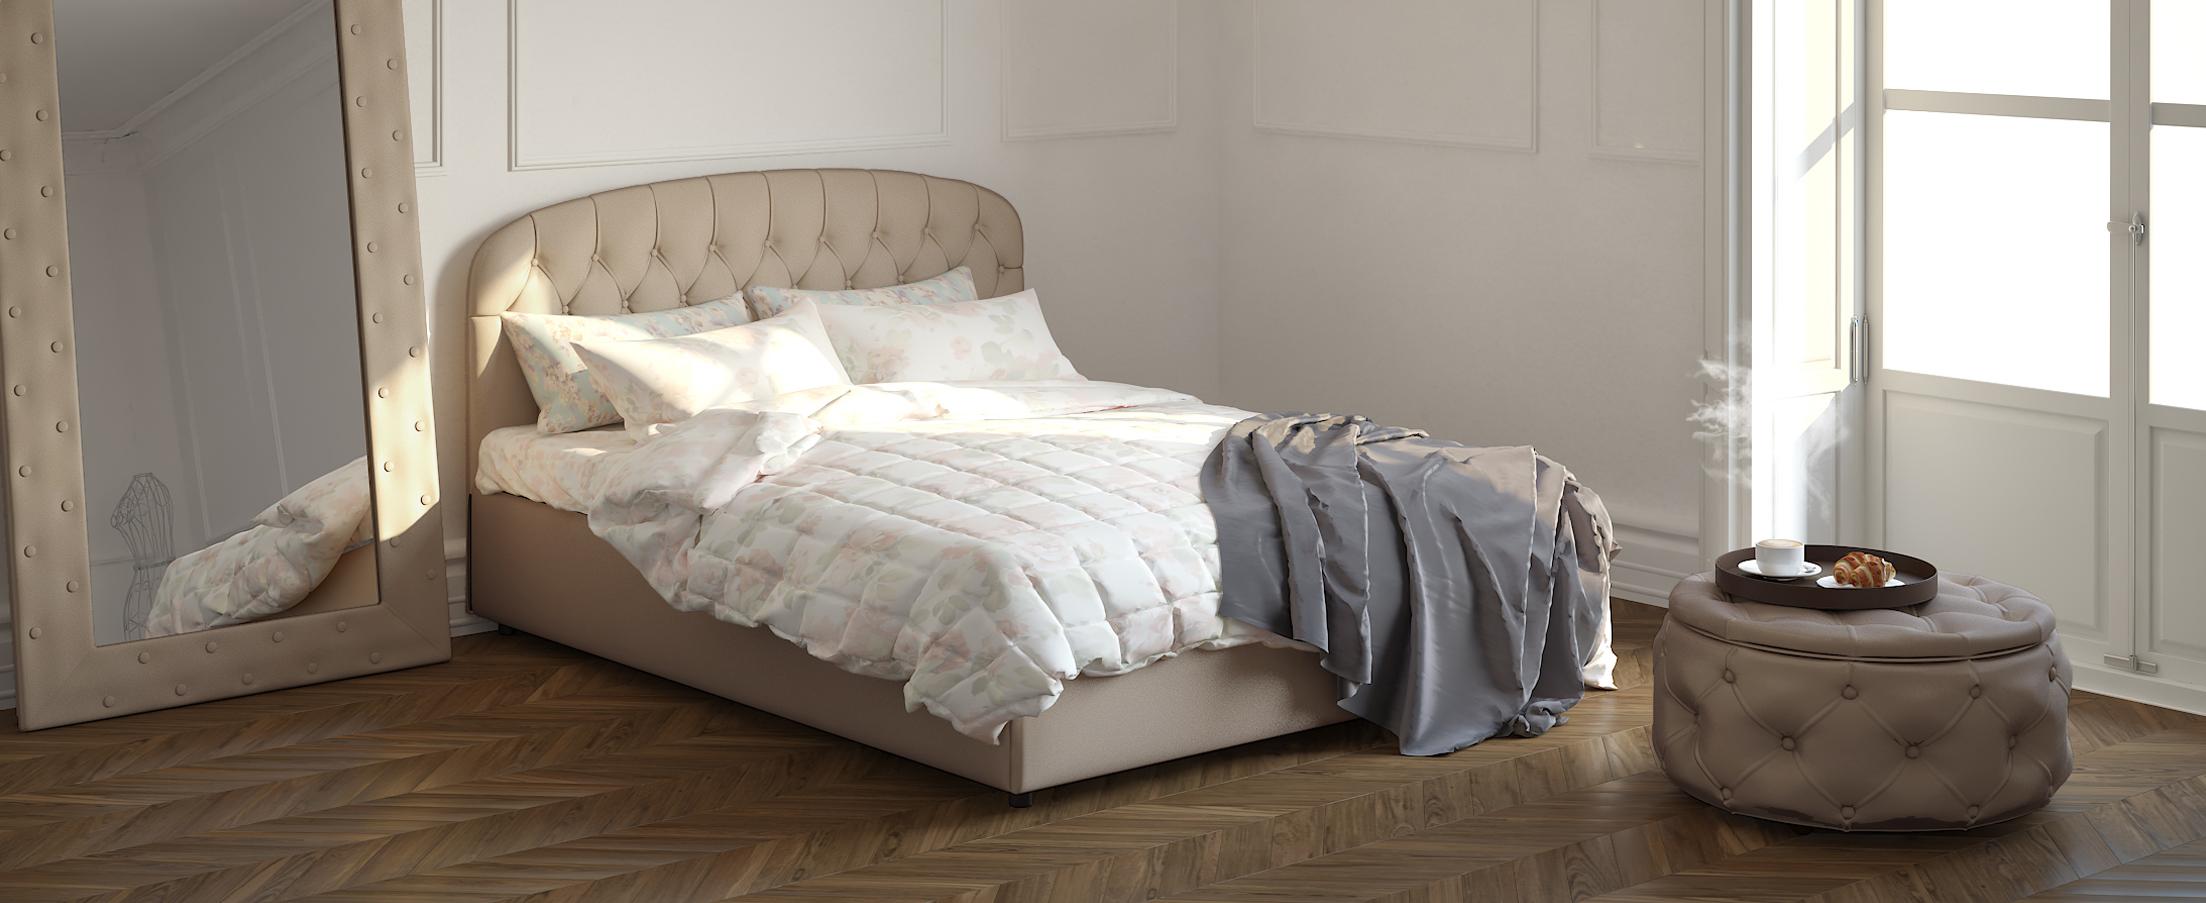 Кровать двуспальная Бьянка 140х200 Модель 1207Оригинальная форма изголовья кровати Бьянка придаст Вашей спальне индивидуальность, а стильные утяжки привнесут нотки благородности и шарма.<br>